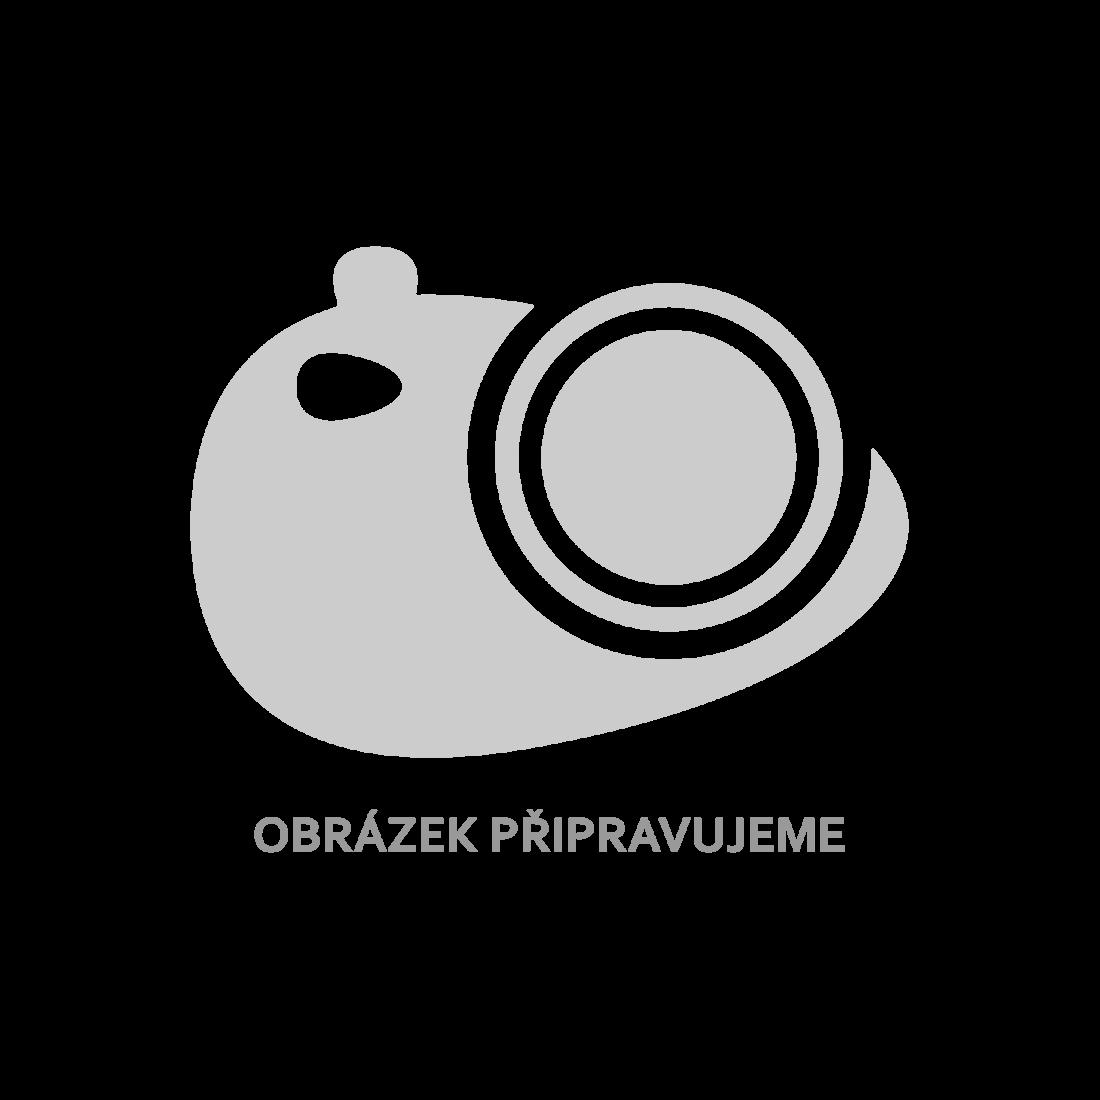 Zatahovací postranní markýza / zástěna, 160x600 cm, šedá